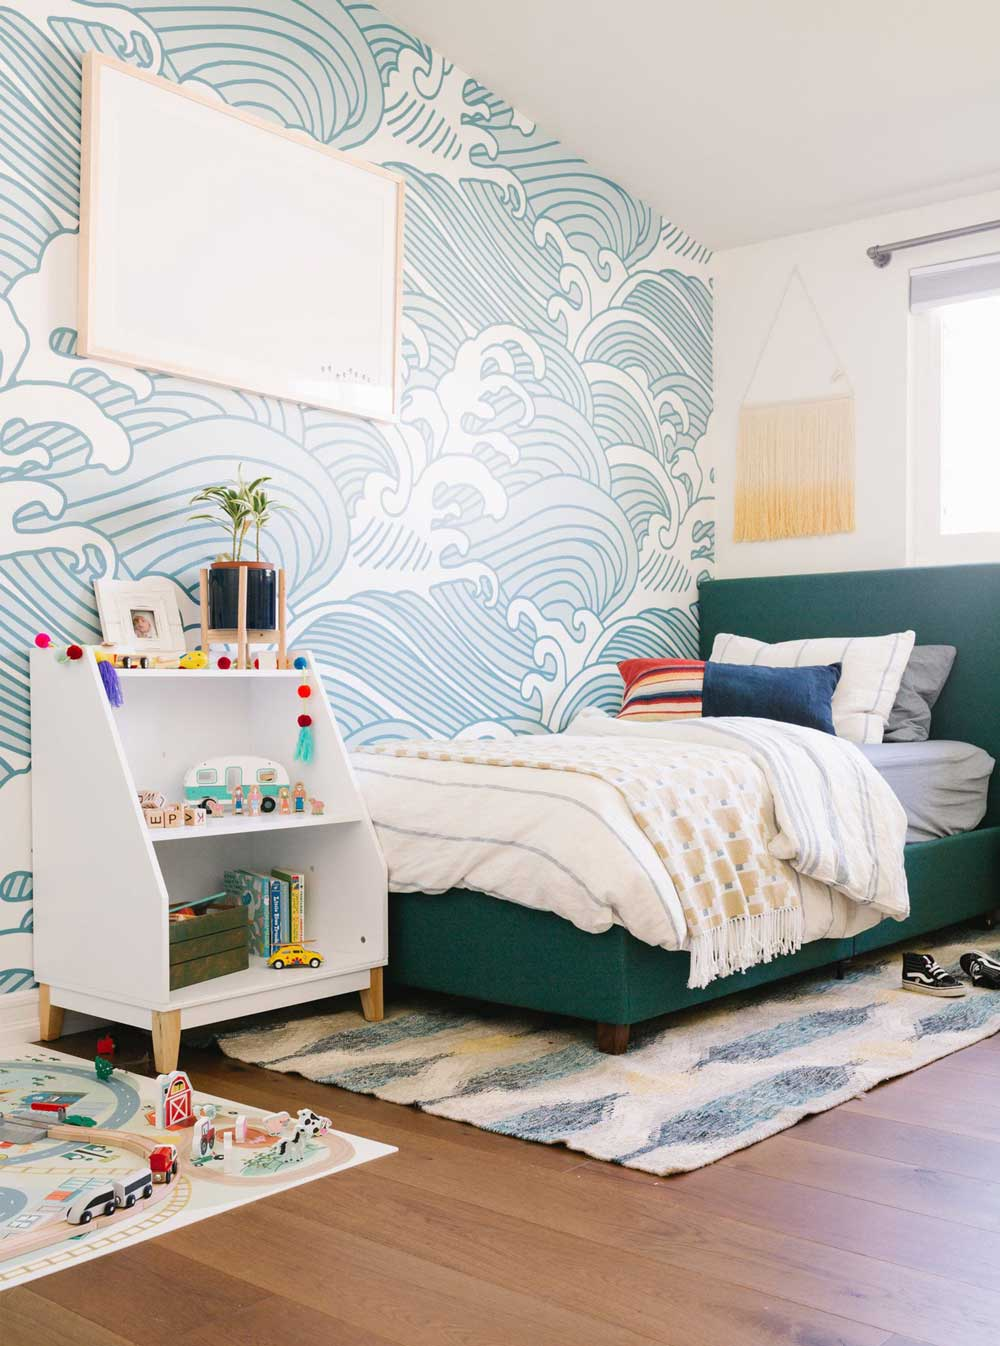 Kids Bedroom Ideas - Feature wall fun